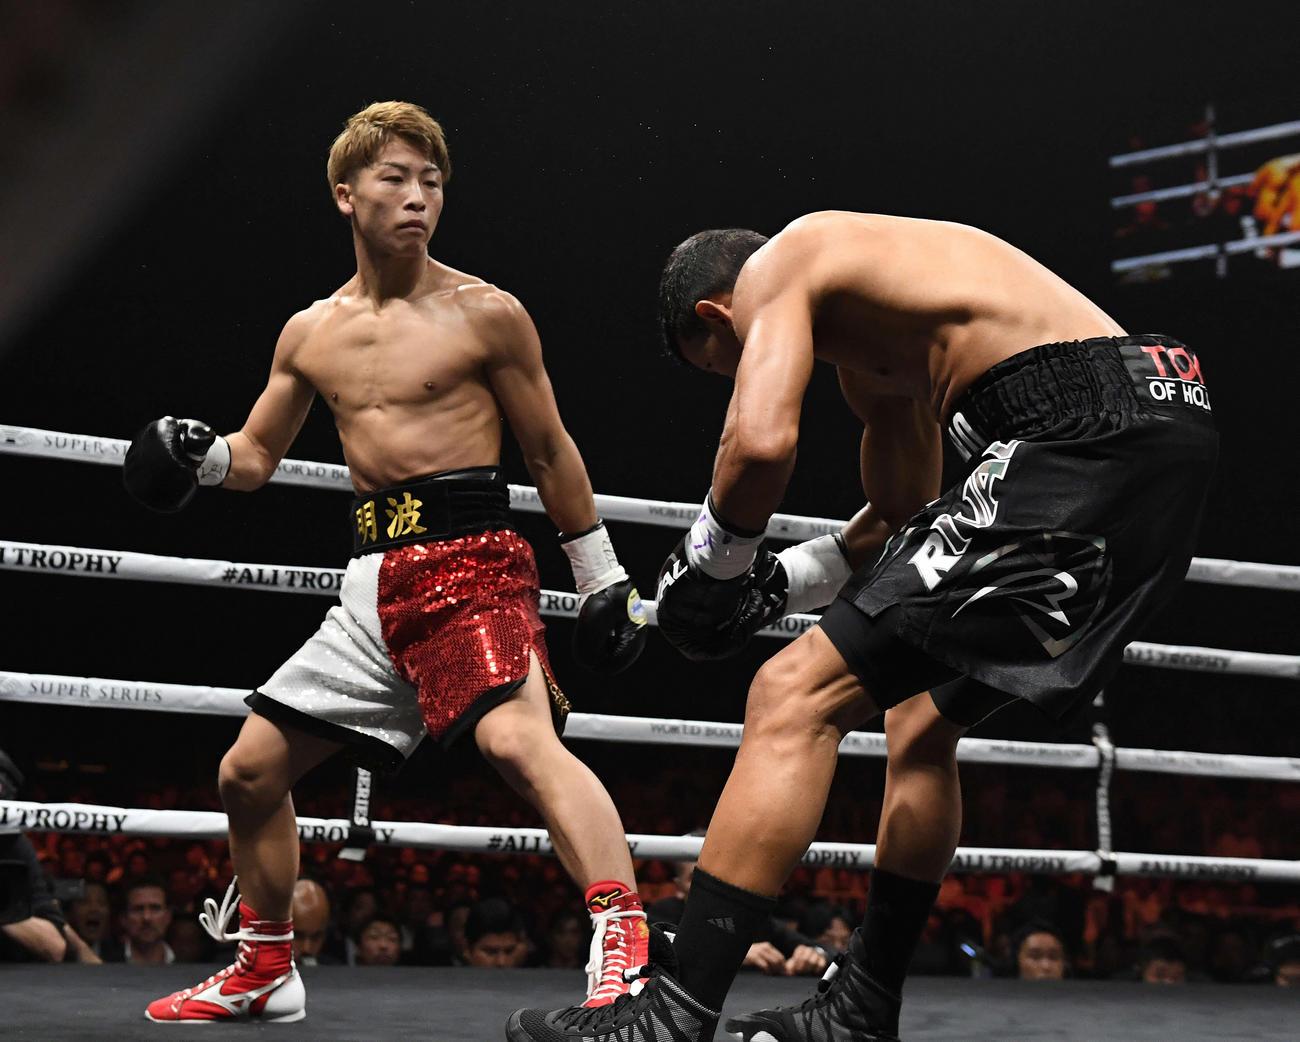 ワールド・ボクシング・スーパーシリーズ1回戦 WBAバンタム級タイトルマッチ 1回、パヤノ(右)を攻めダウンを奪い、そのままKO勝ちする井上尚弥(18年10月7日撮影)